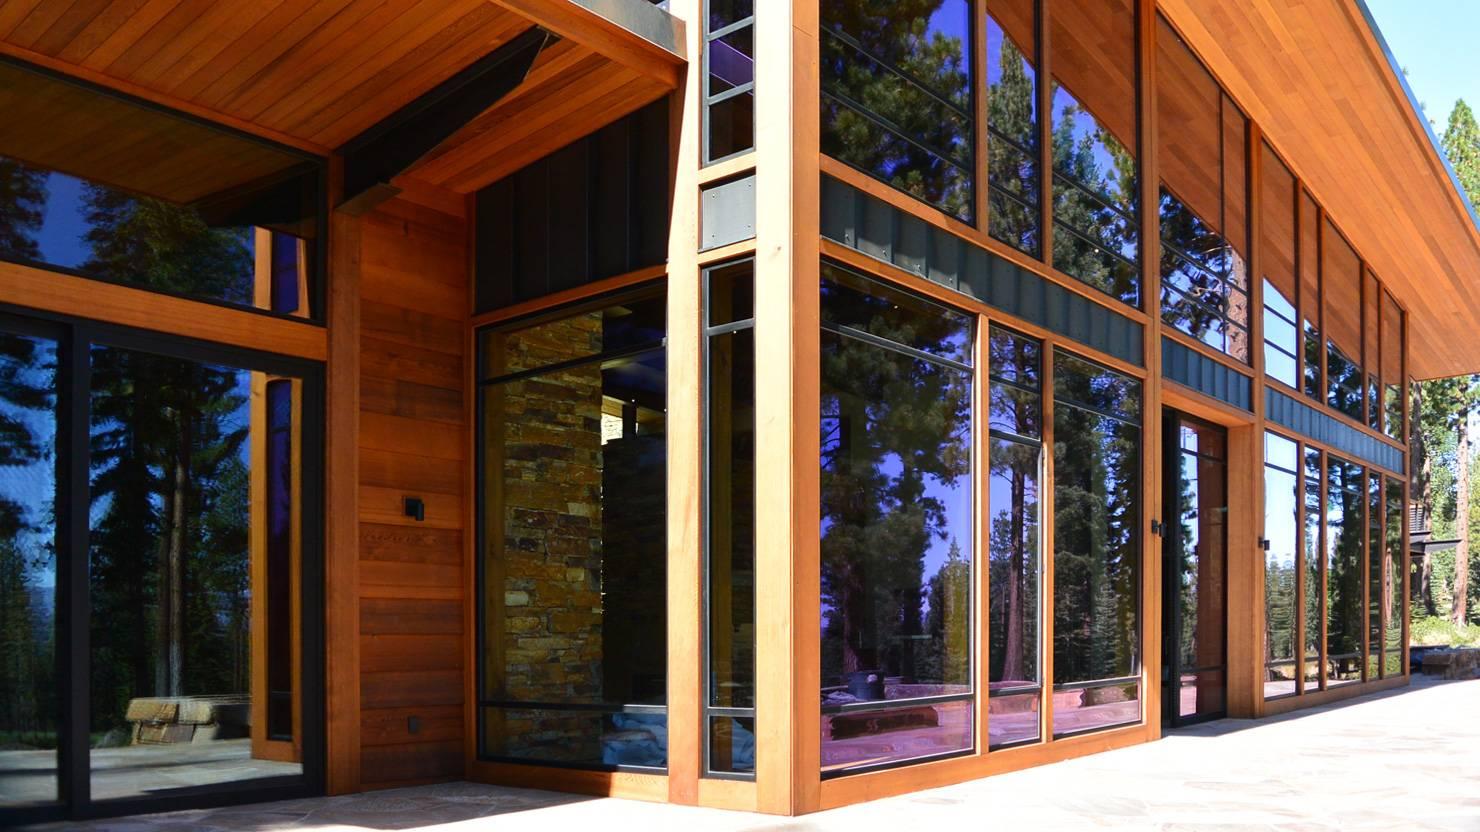 acciaio-zincato-serramenti-villa-montagne-california-seccosistemi-2_project_big